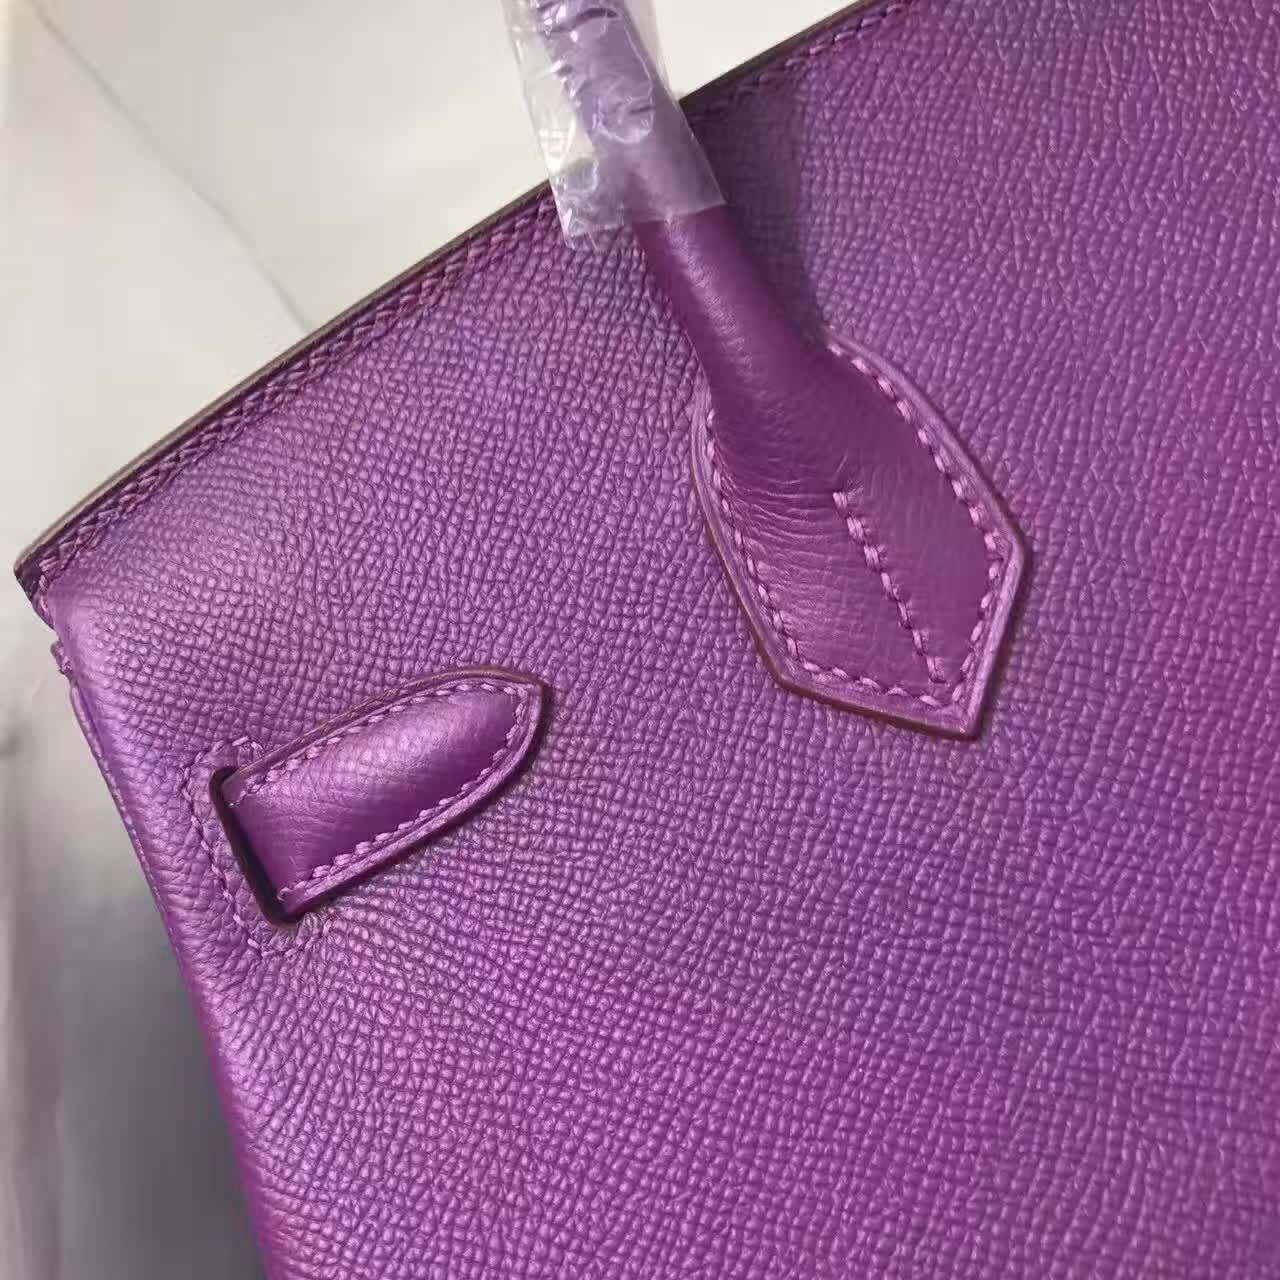 爱马仕铂金包 Birkin 30cm 法国原产epsom皮 蜡线全手缝